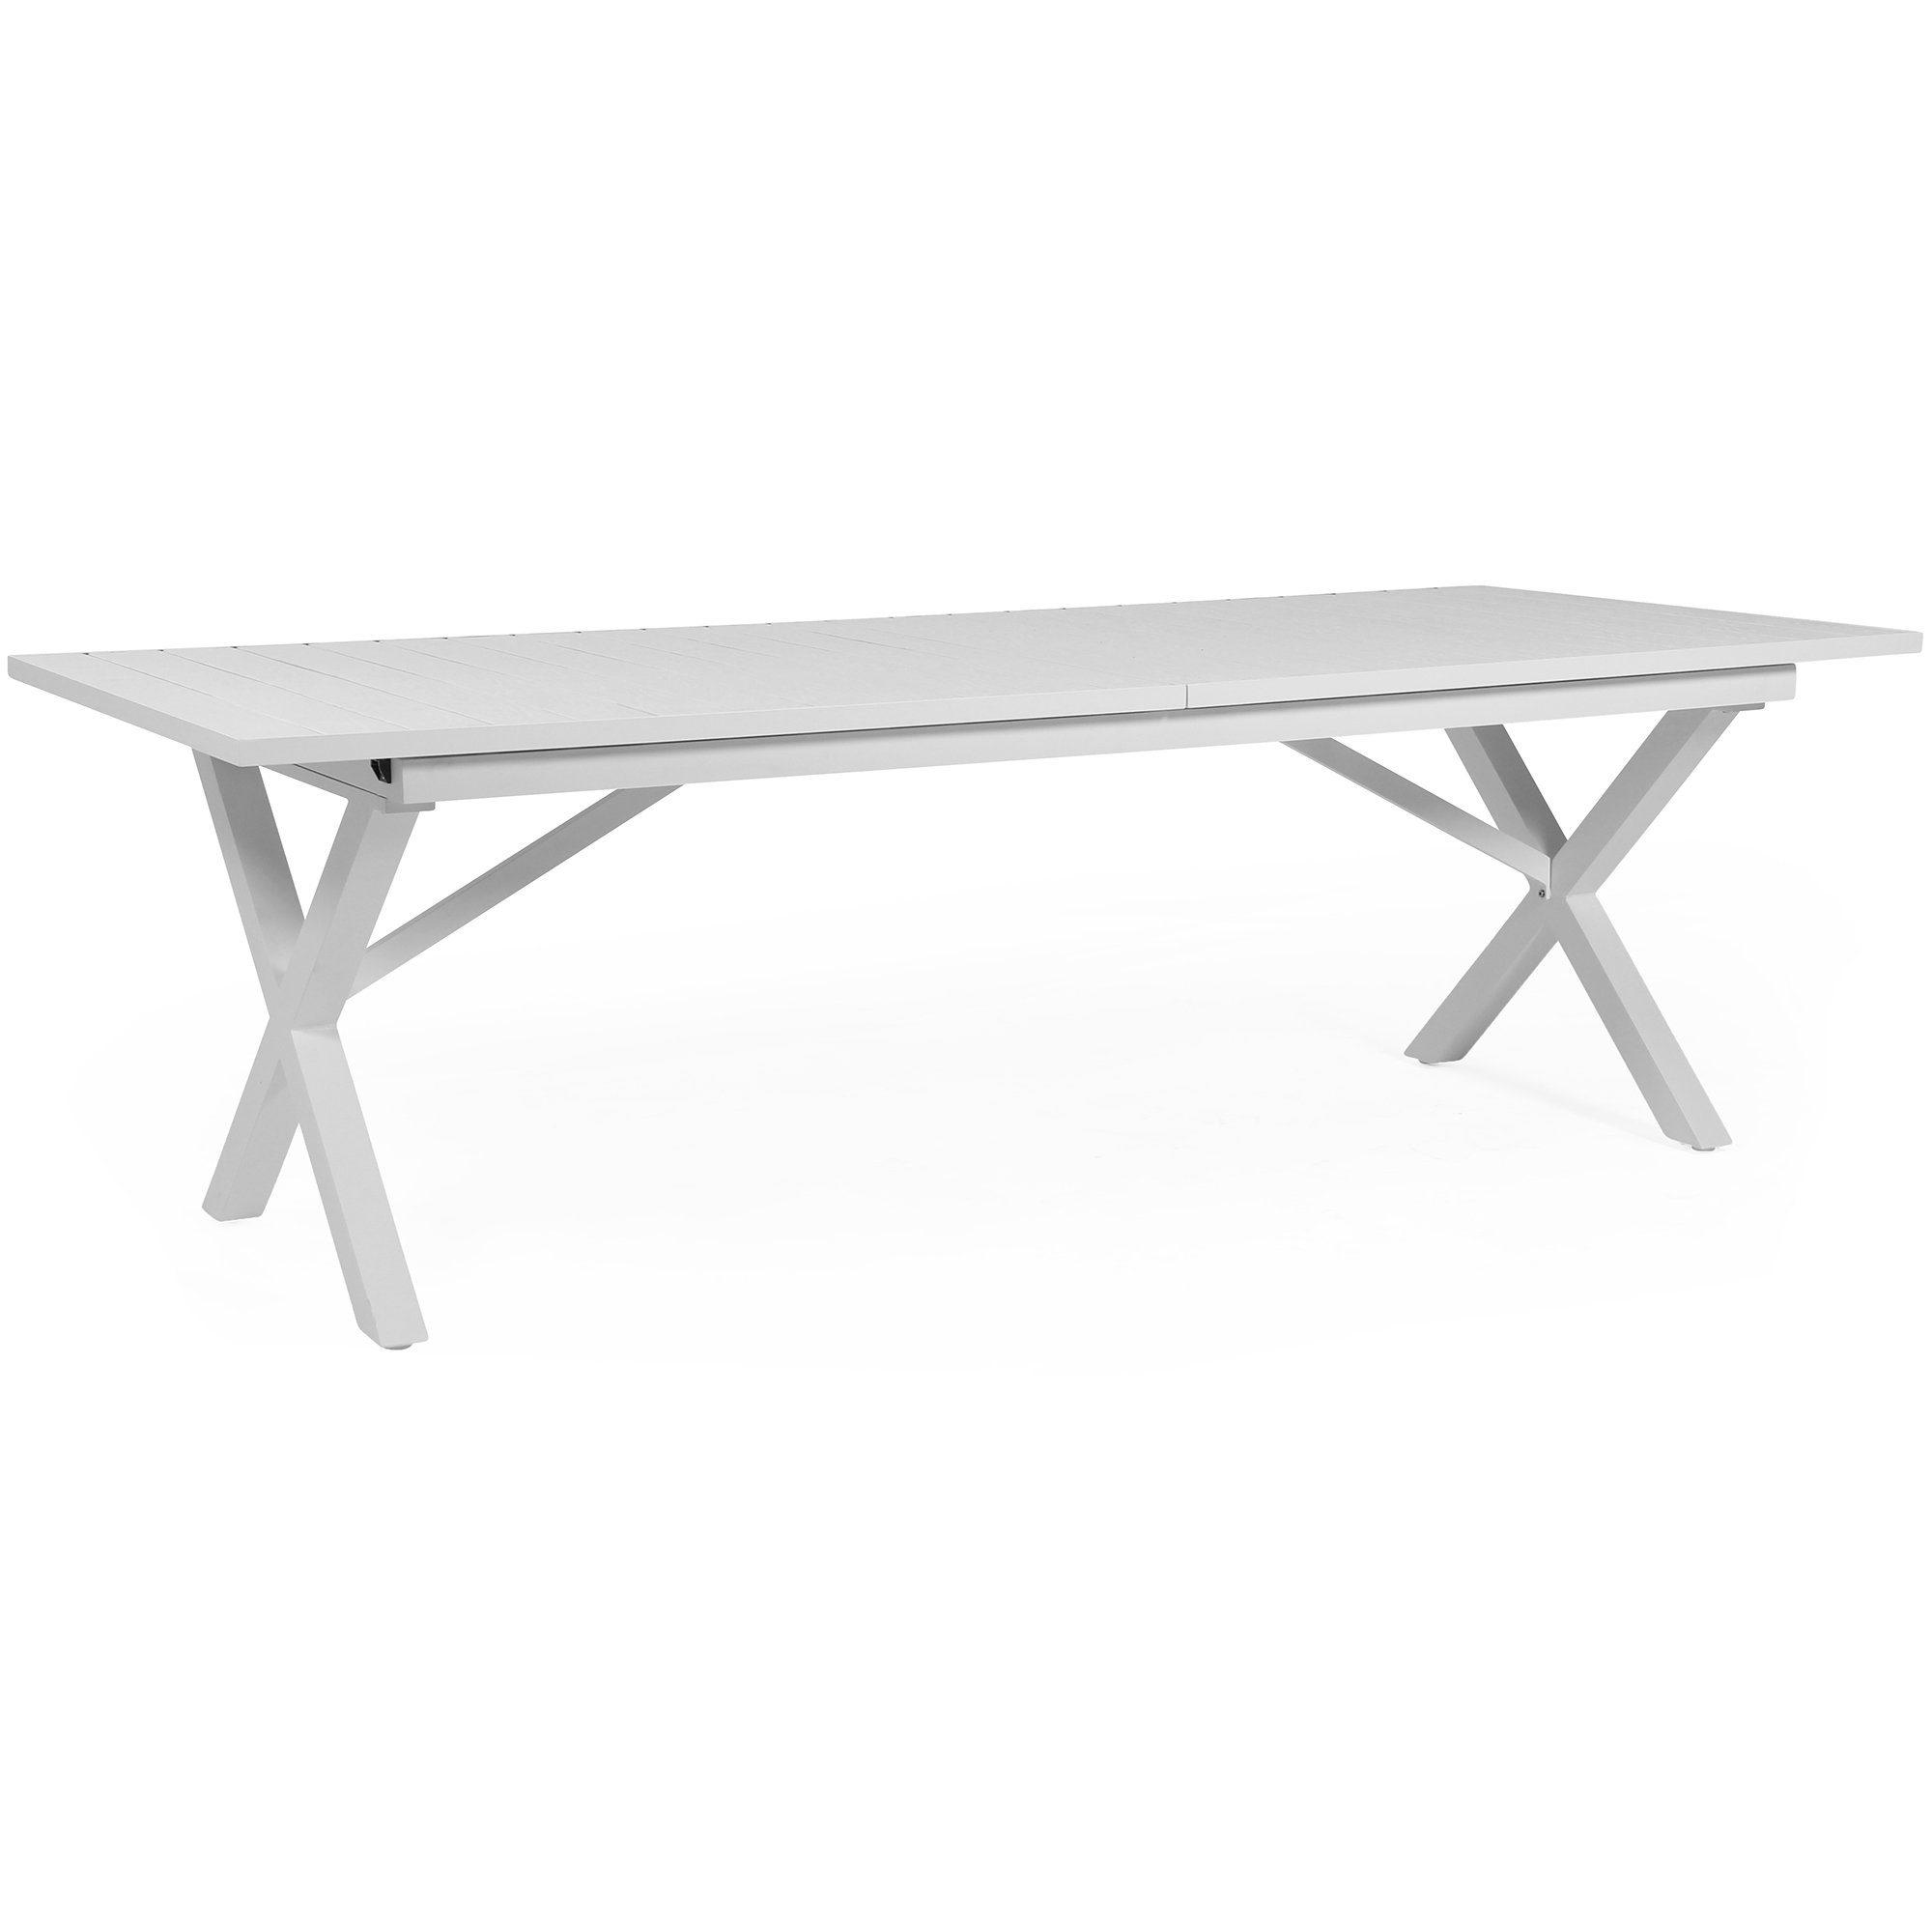 Hillmond förlängningsbord från Brafab i vitt.